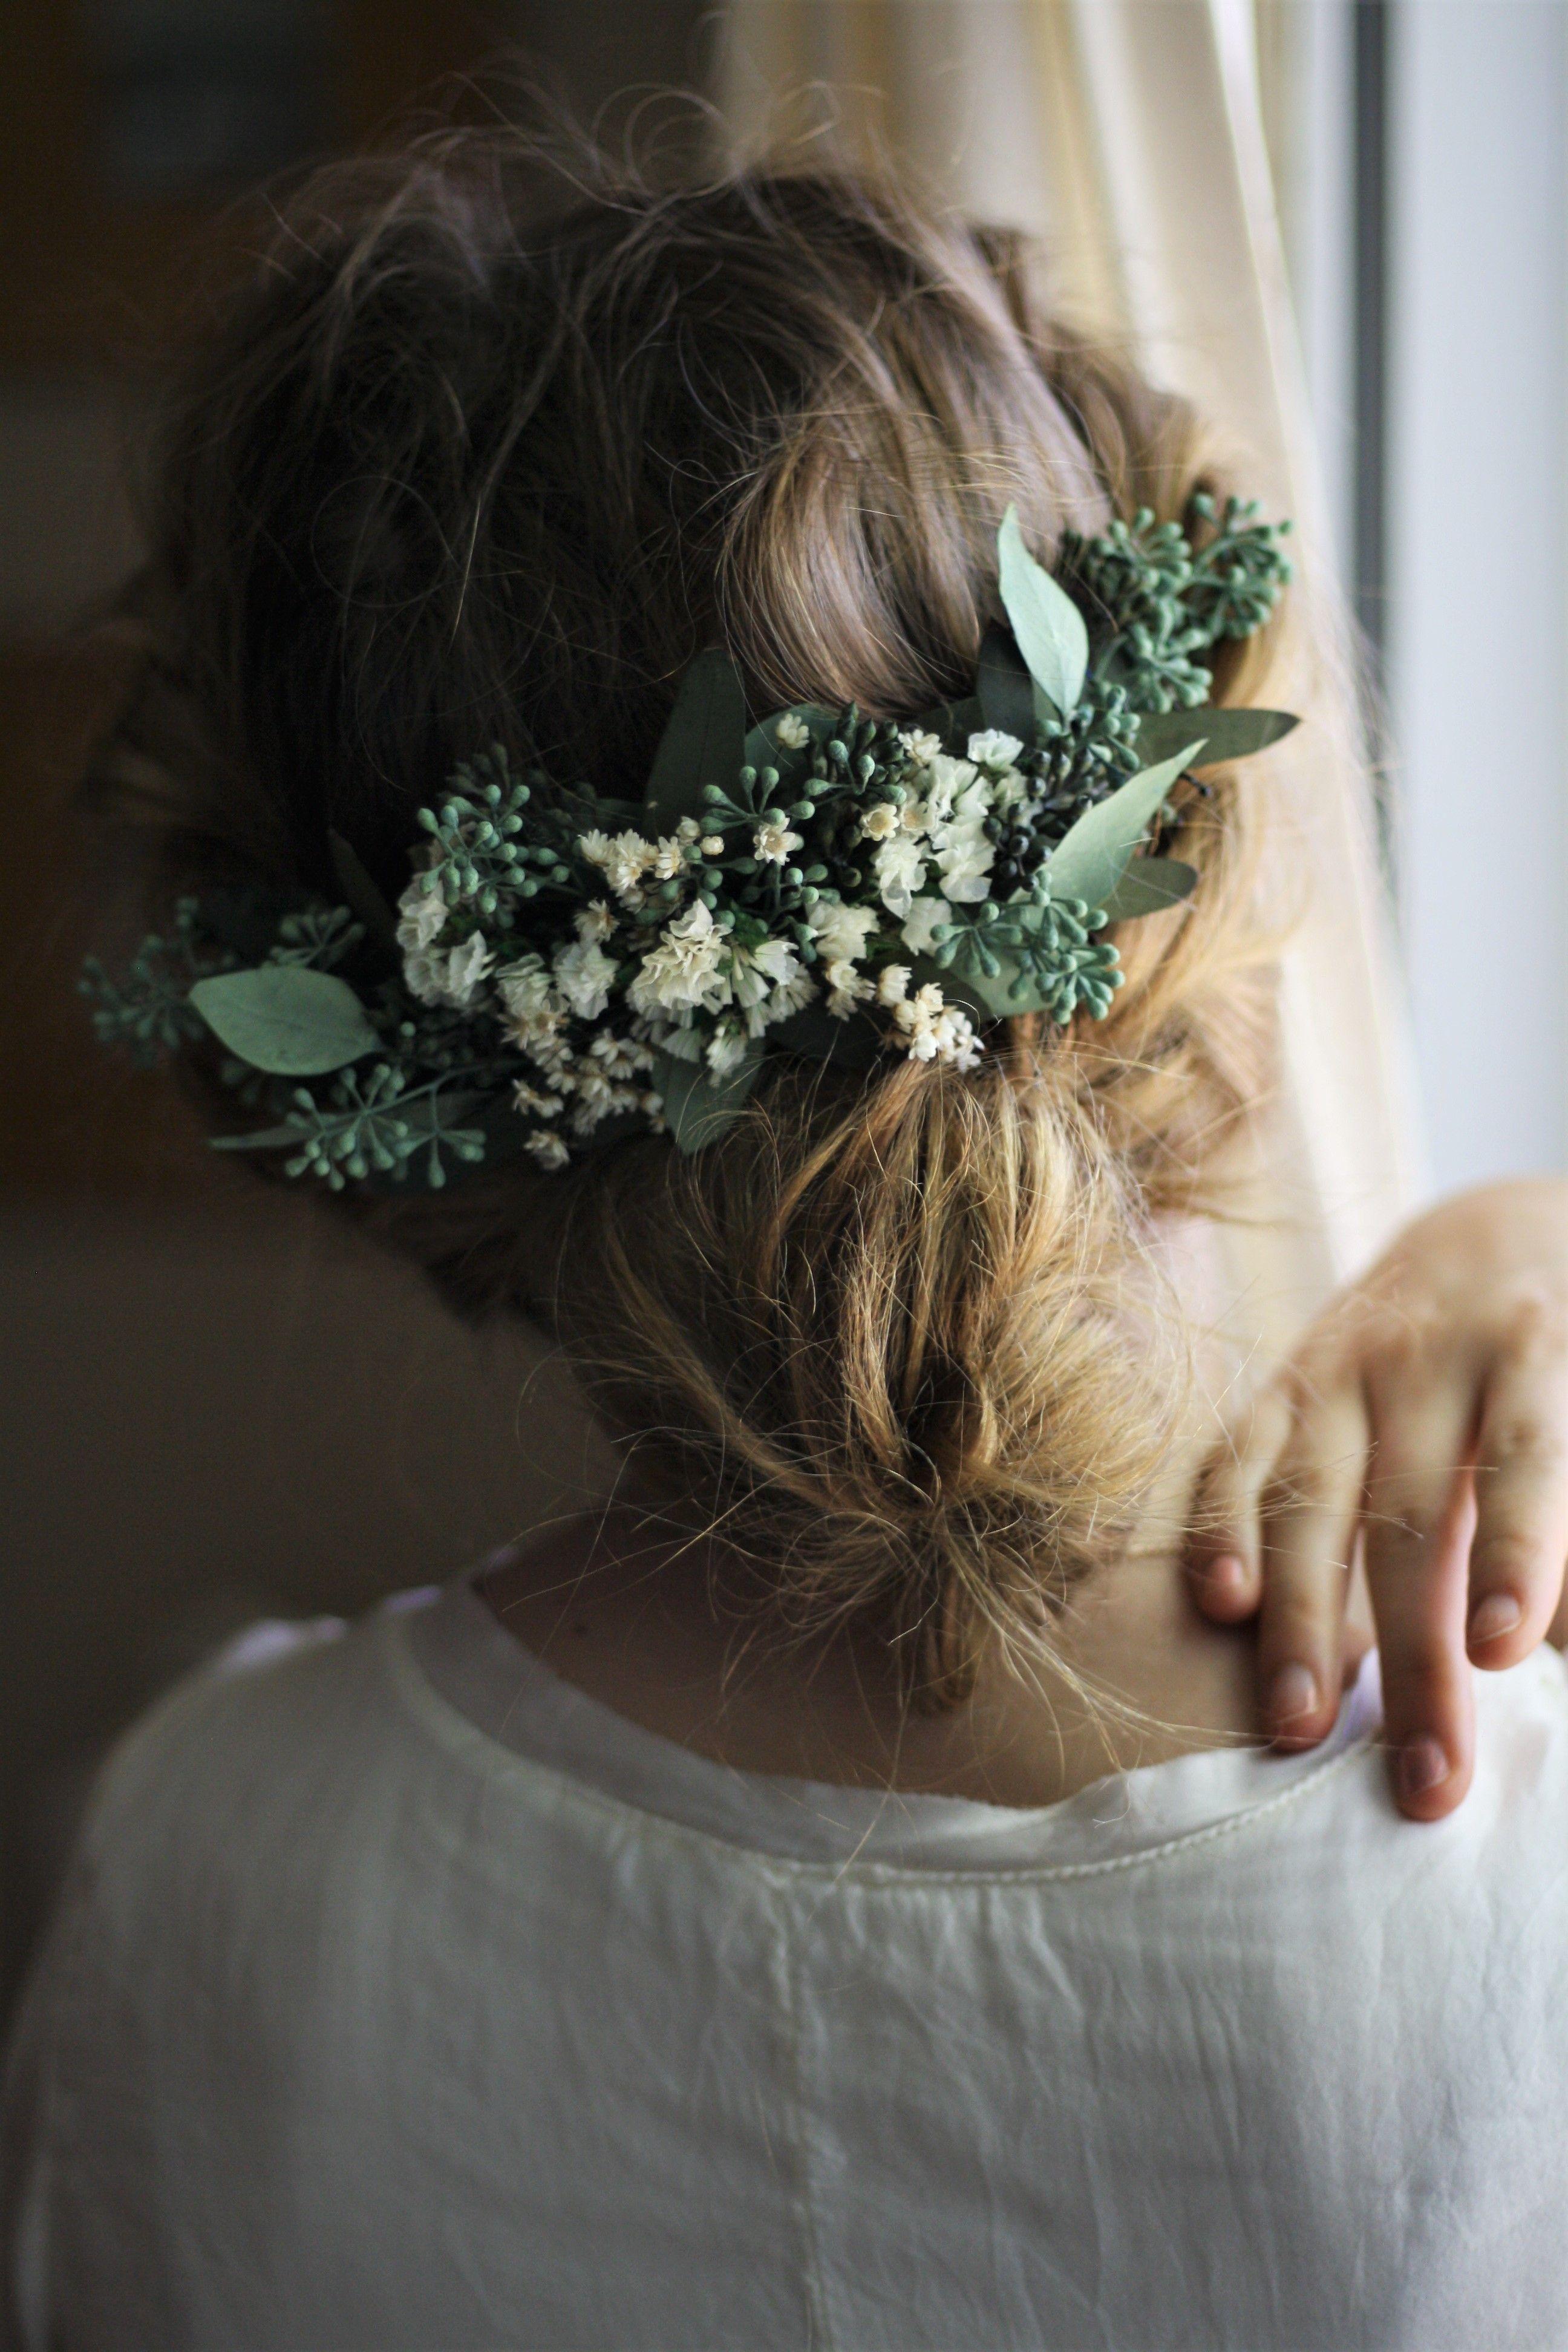 Eucalyptus Half Flower Crown Baby Breath Flower Greenery Crown Etsy Flower Garland Hair Flower Crown Bride Bridal Hair Flowers